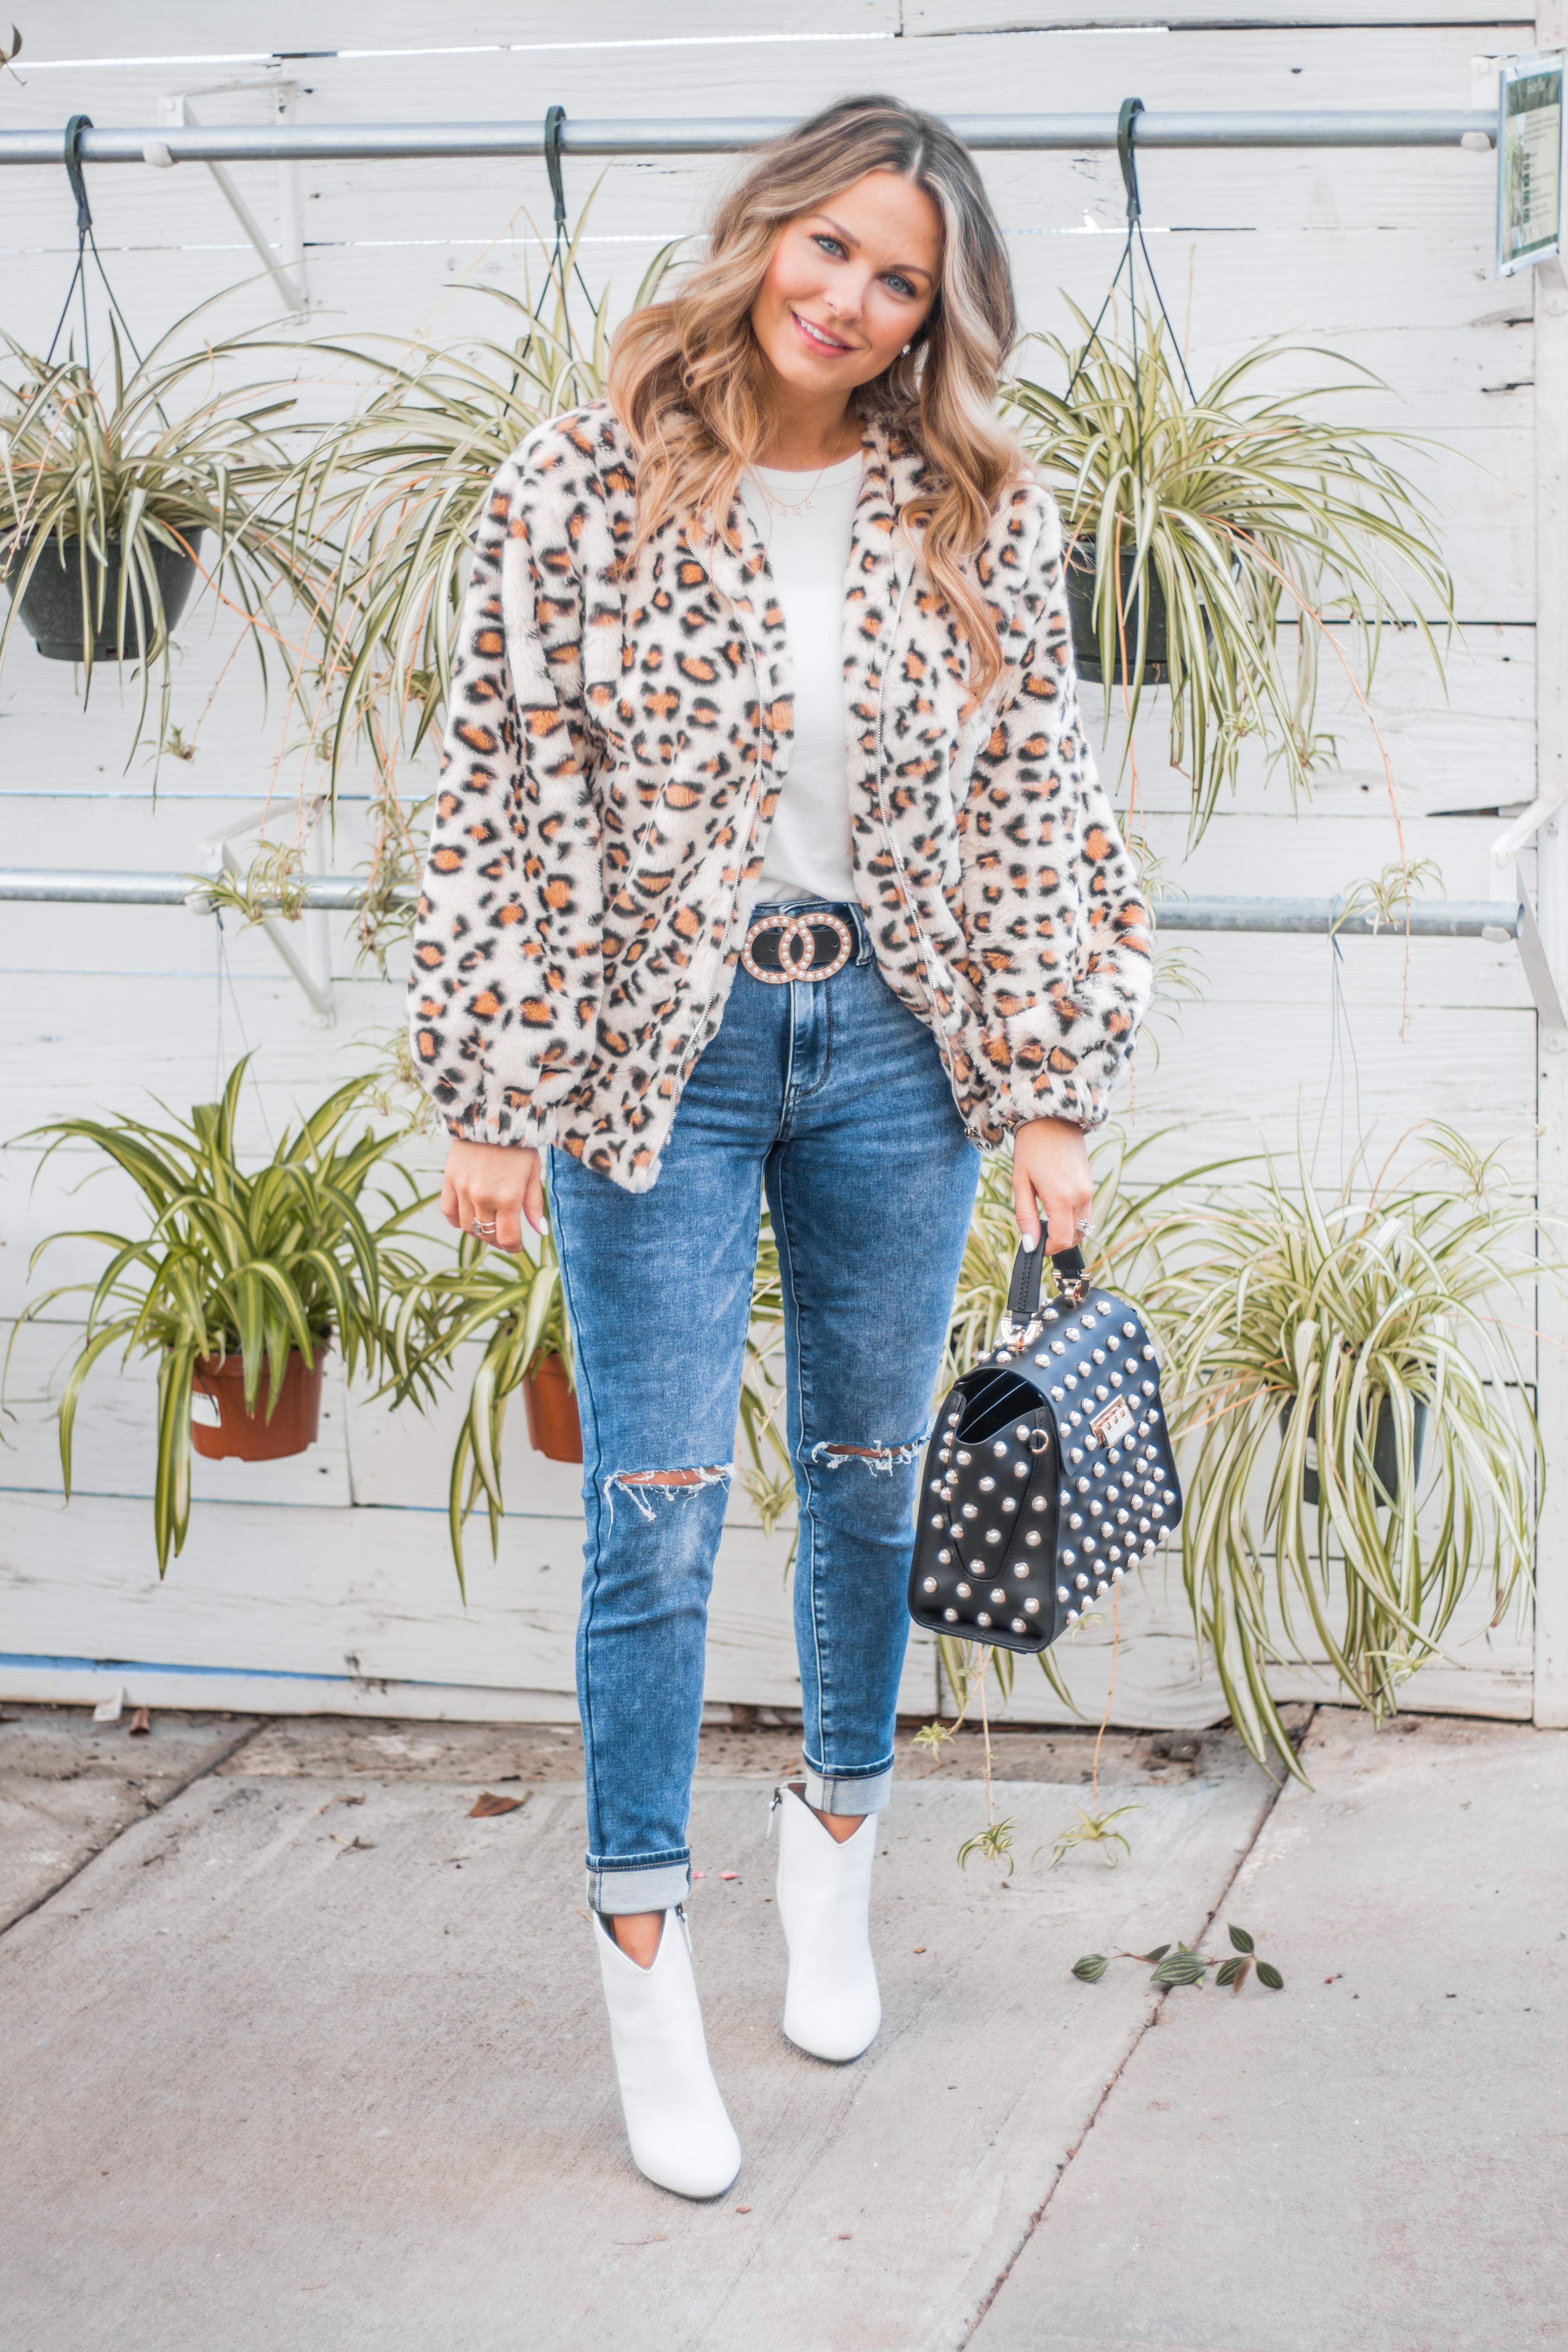 Women's Fashion - White Boots - Leopard Jacket - Spring Fashion - Winter Fashion - Zac Posen Eartha - Outfit Inspo - OOTD - 7